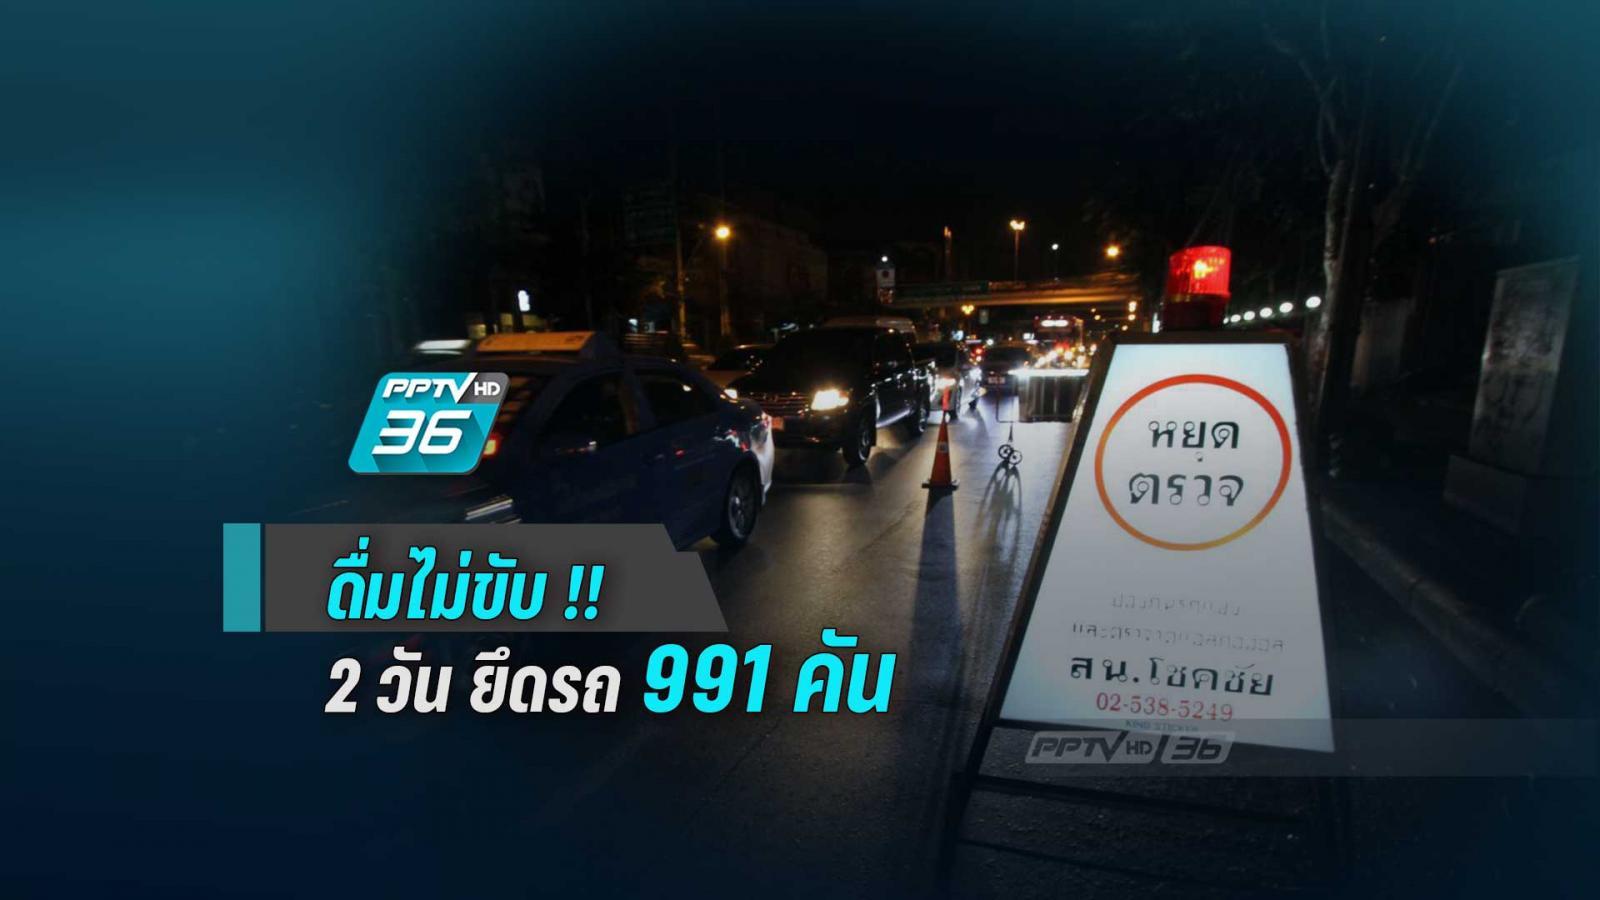 ดื่มไม่ขับ !! คสช.เผย 2 วัน ยึดรถ 991 คัน